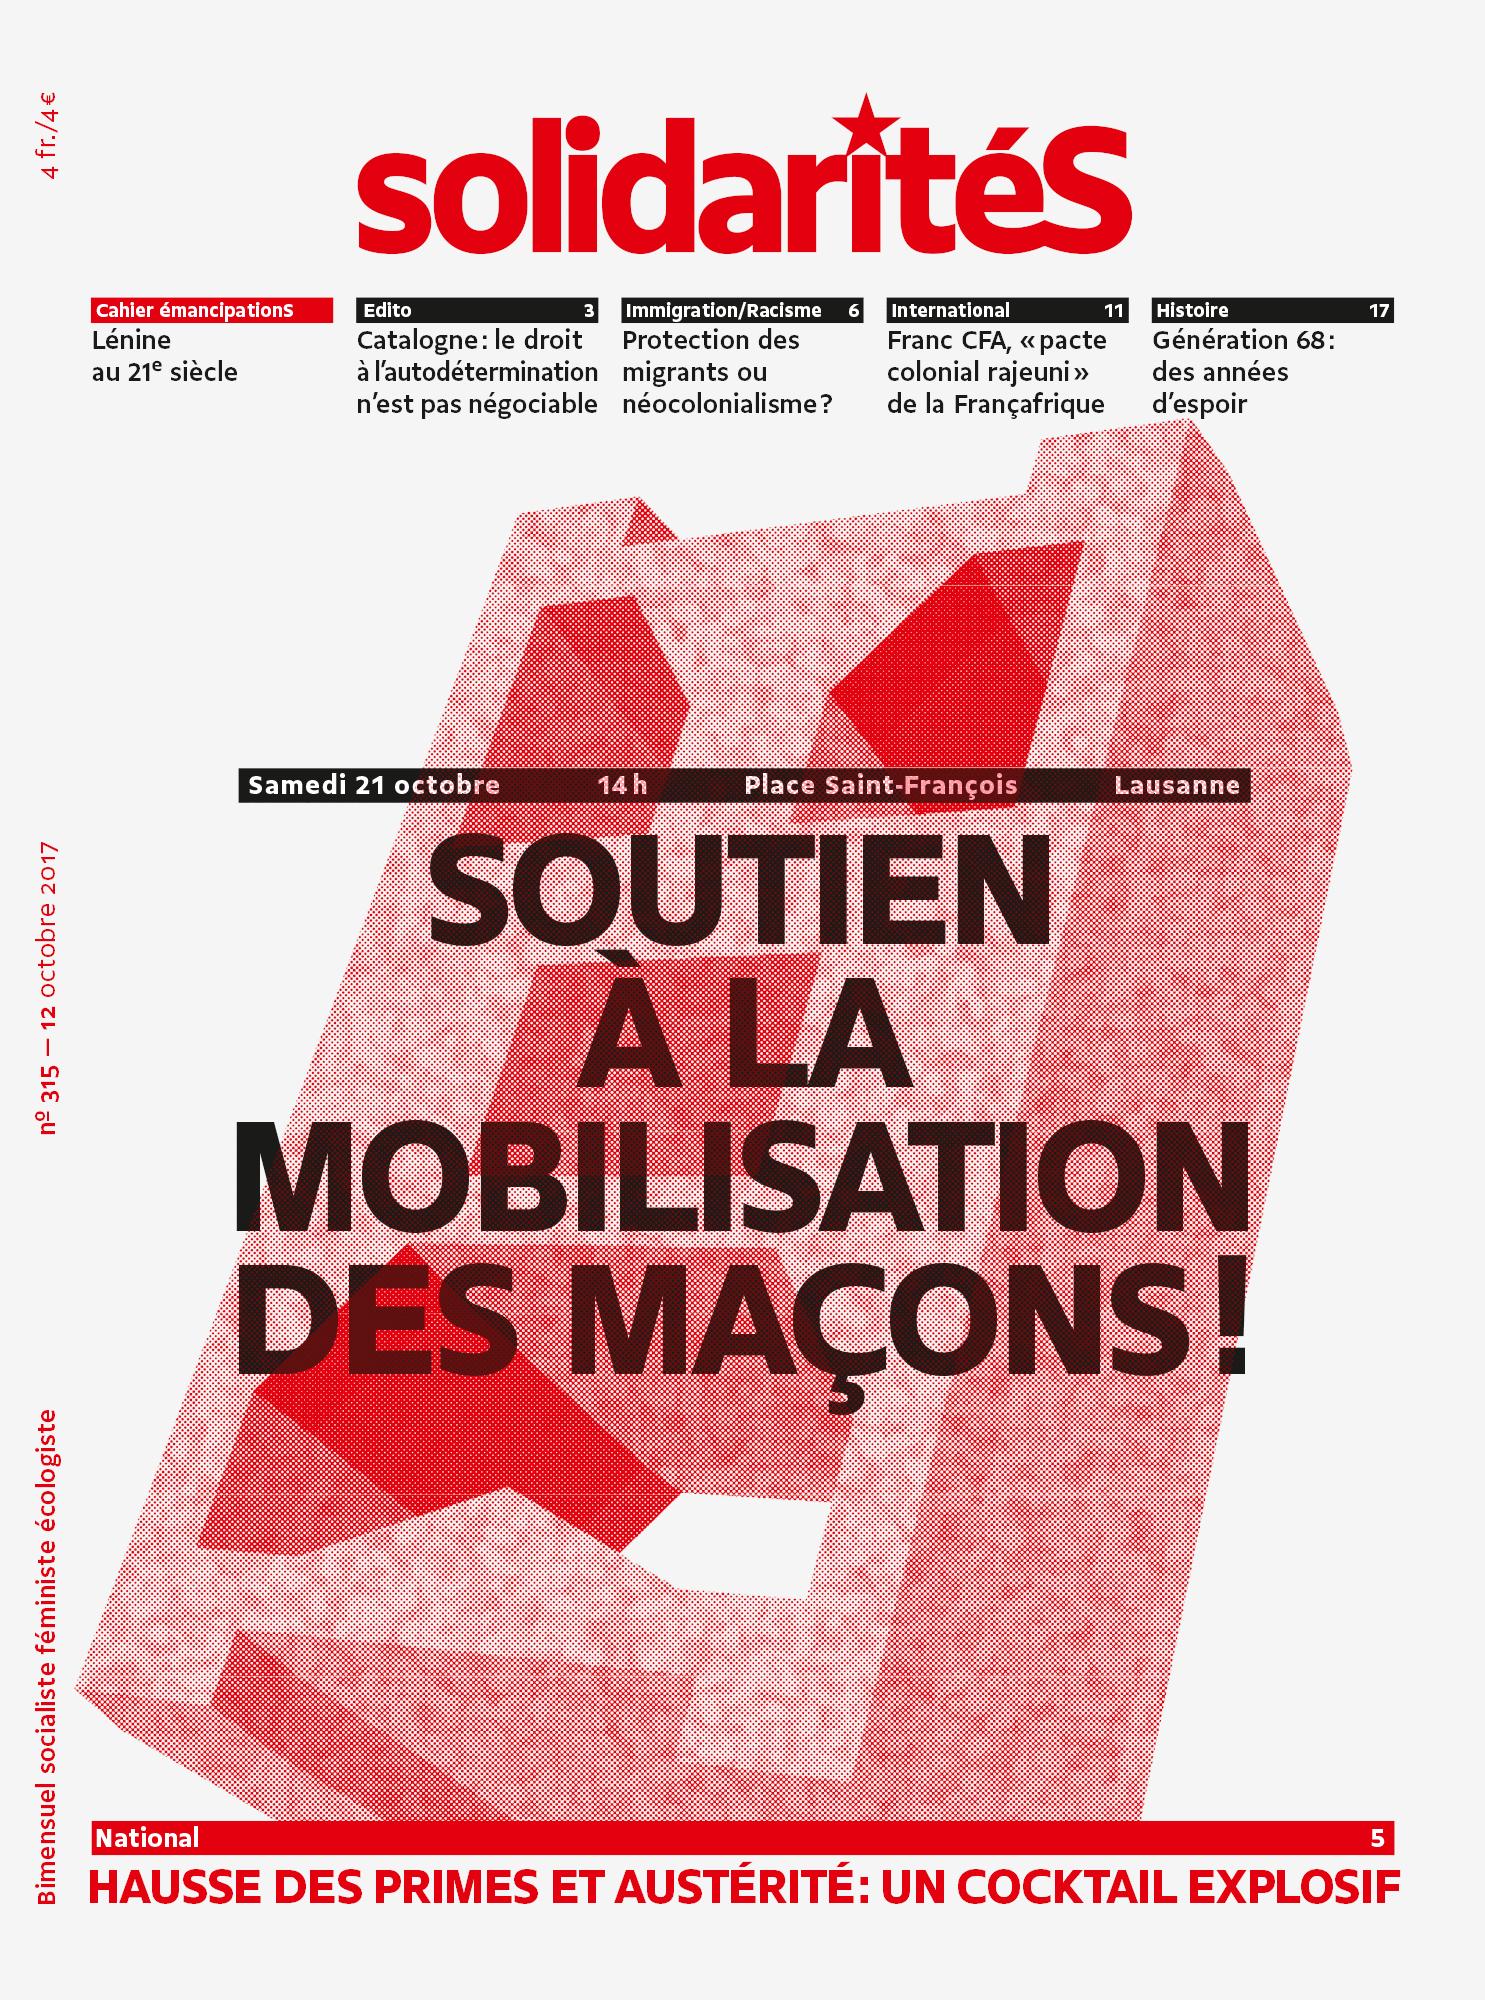 Couverture du numéro 315 du bimensuel solidaritéS